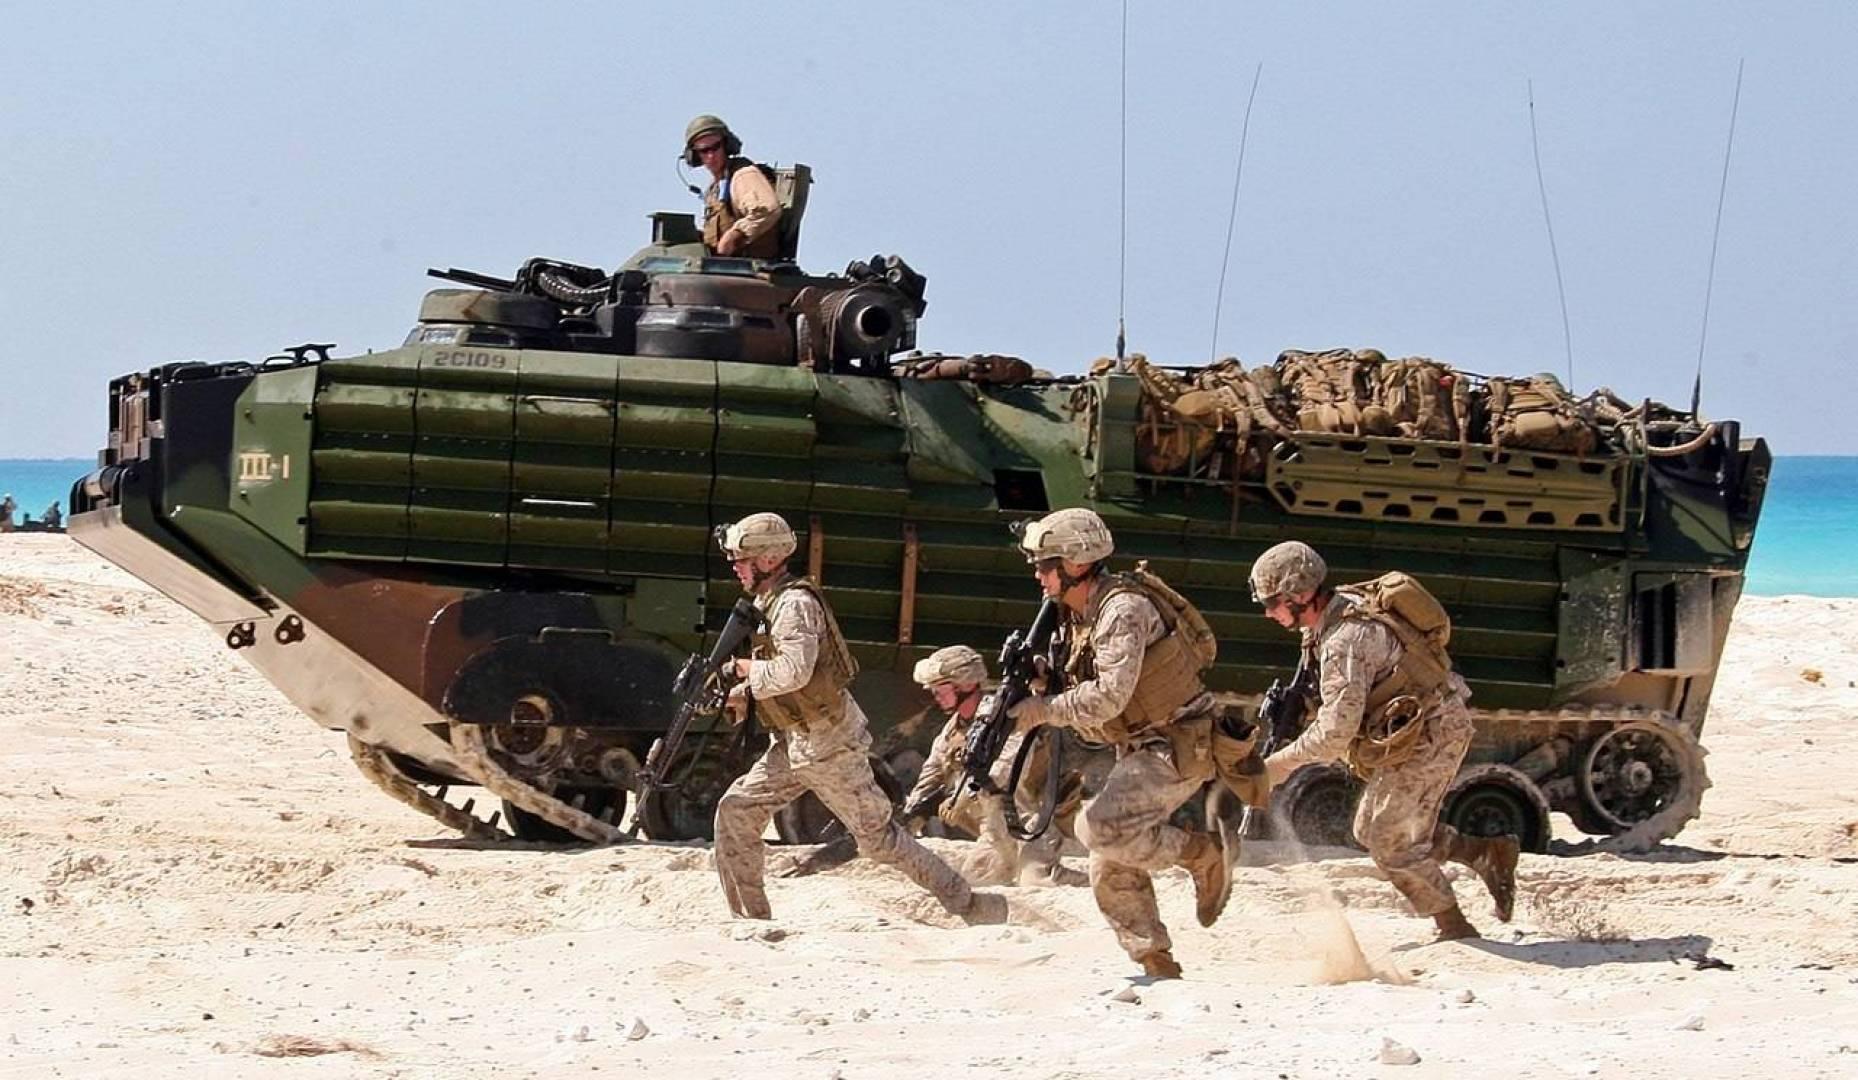 مناورات بحرية بين القوات السعودية و الأميركية في الخليج العربي الأسبوع المقبل